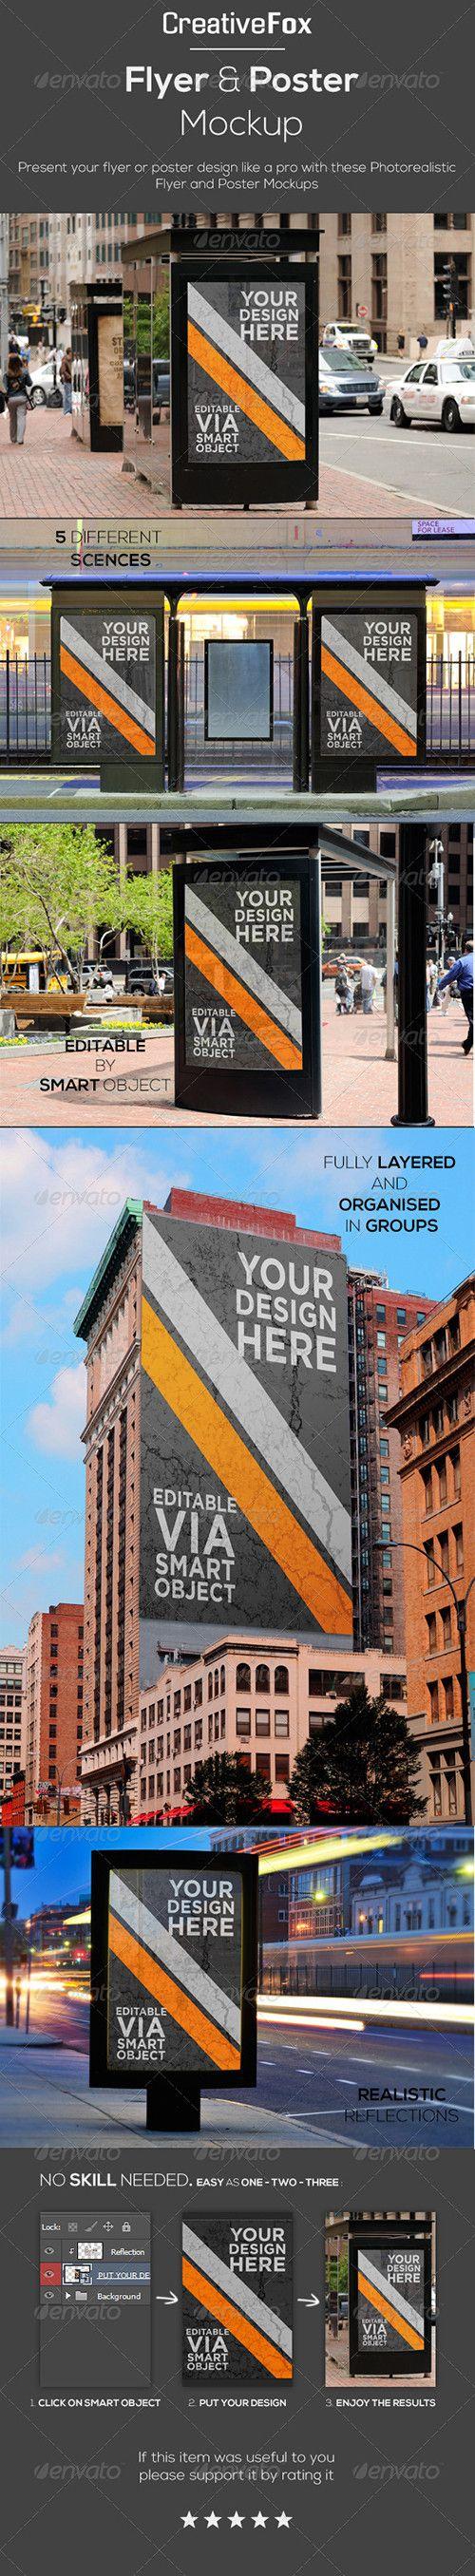 Poster design free - 179 Best Mockups Images On Pinterest Mock Up Mockup And Poster Designs